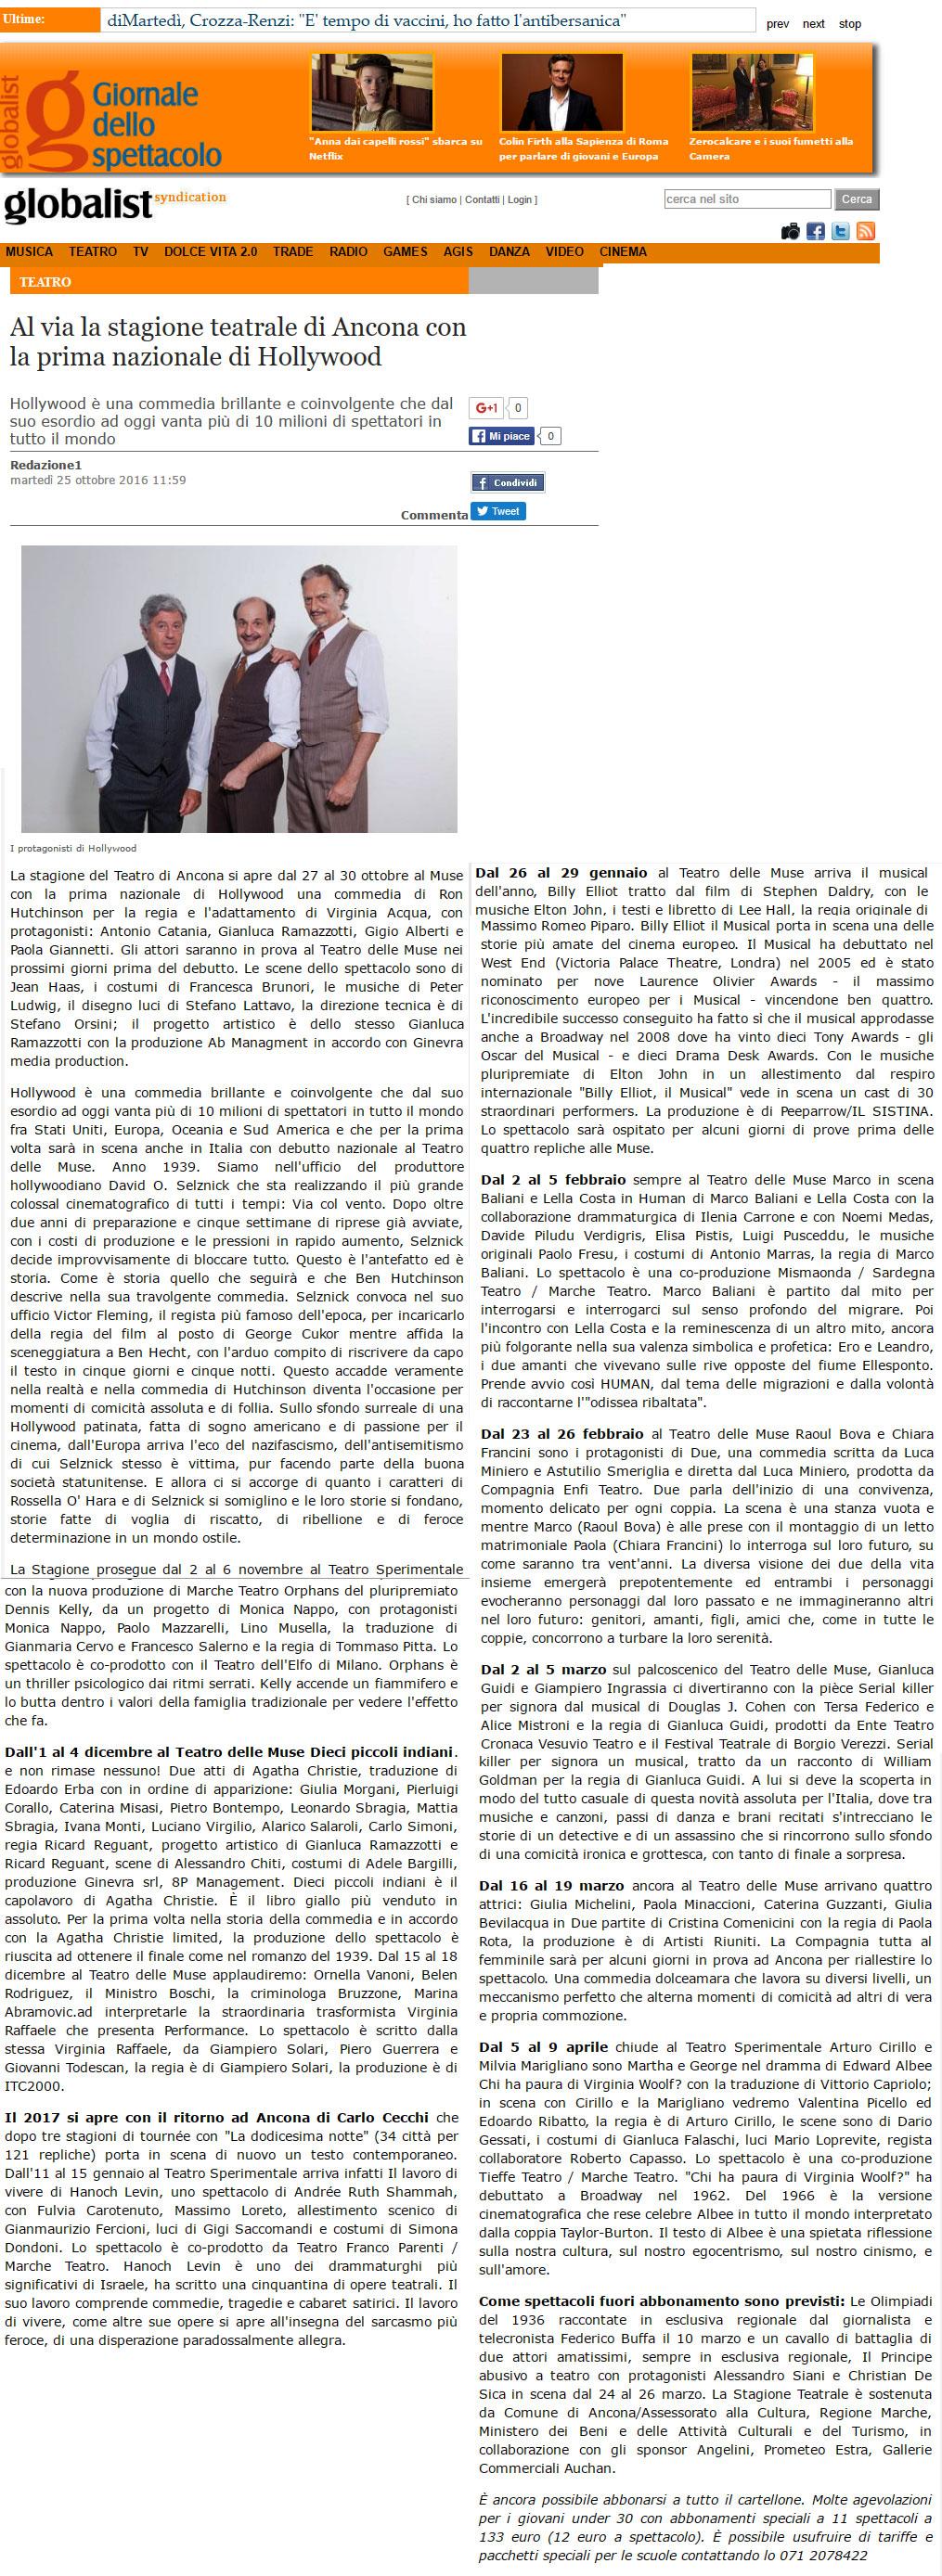 2016_10_25_al-via-la-stagione-teatrale-di-ancona-conla-prima-nazionale-di-hollywood_giornale-dello-spettacolo